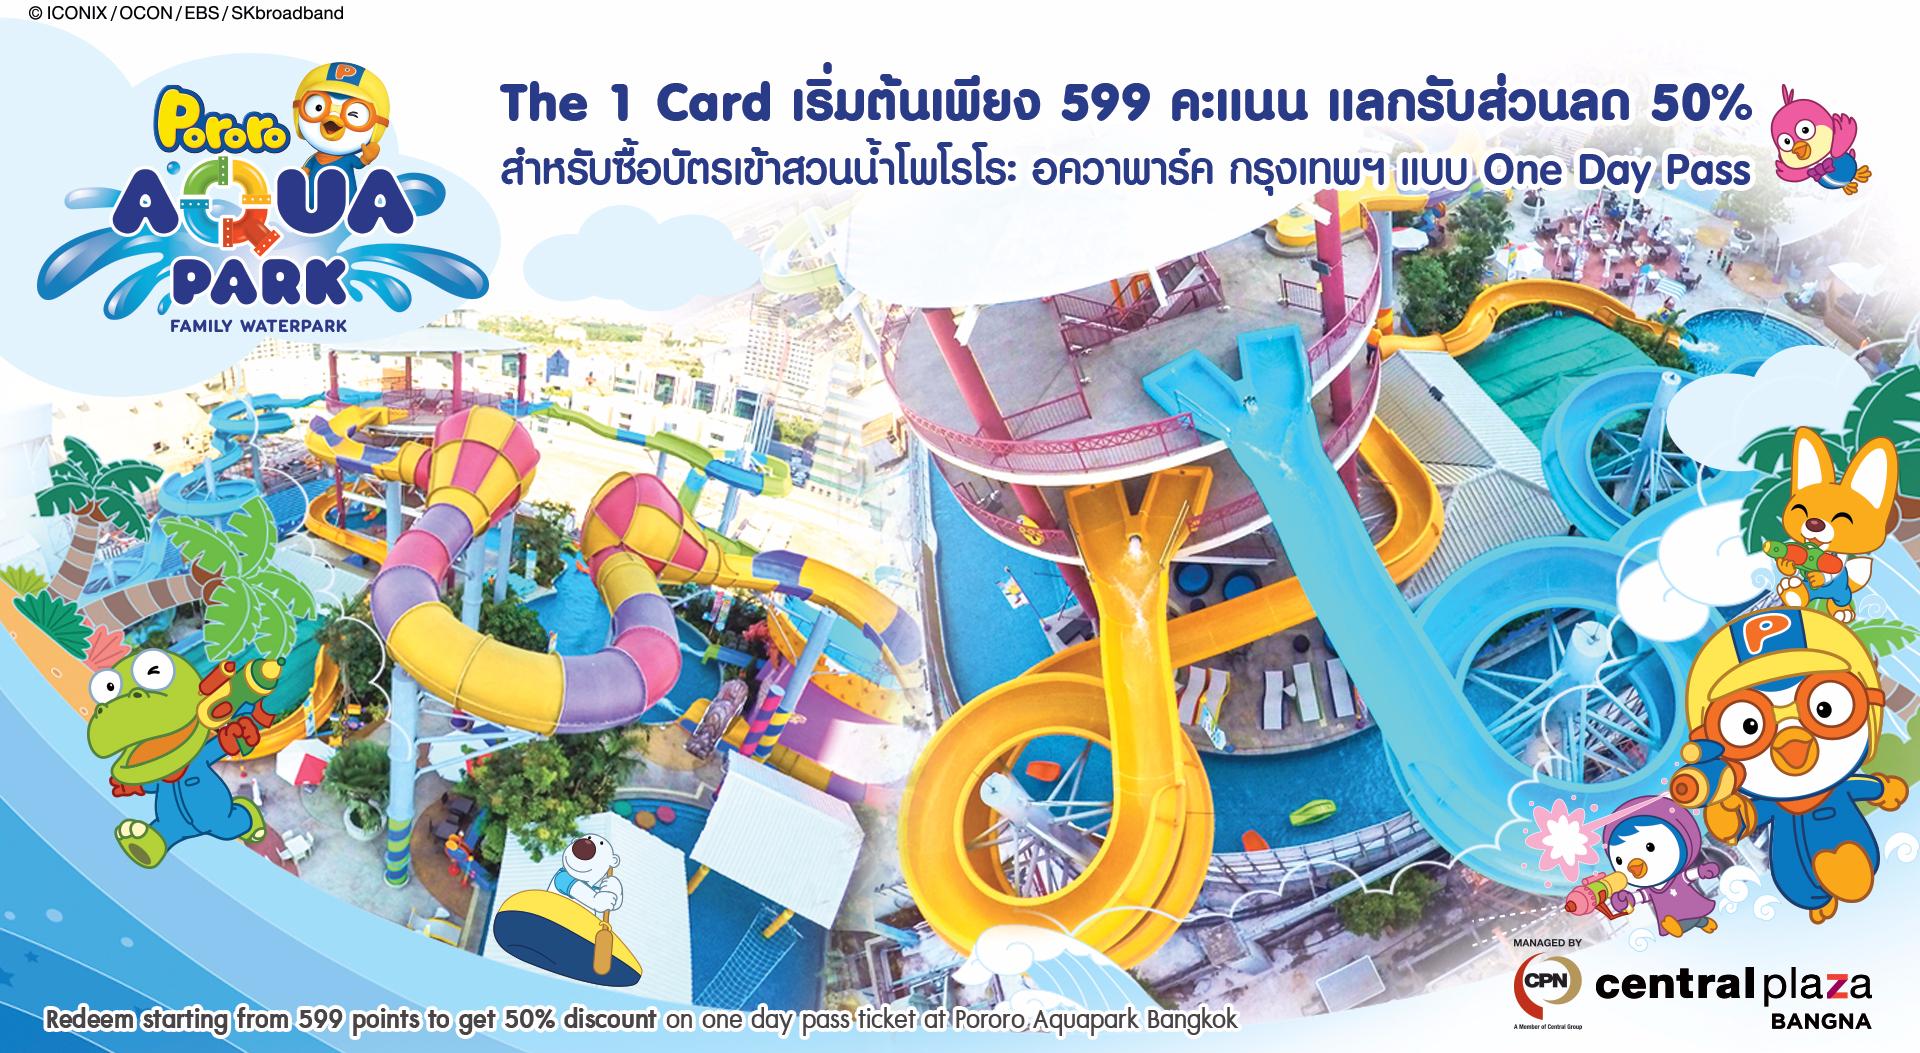 สวนน้ำโพโรโระ อควาพาร์ค ร่วมกับ The 1 Card มอบส่วนลดสุดพิเศษ 50% | Pororo AquaPark Bangkok